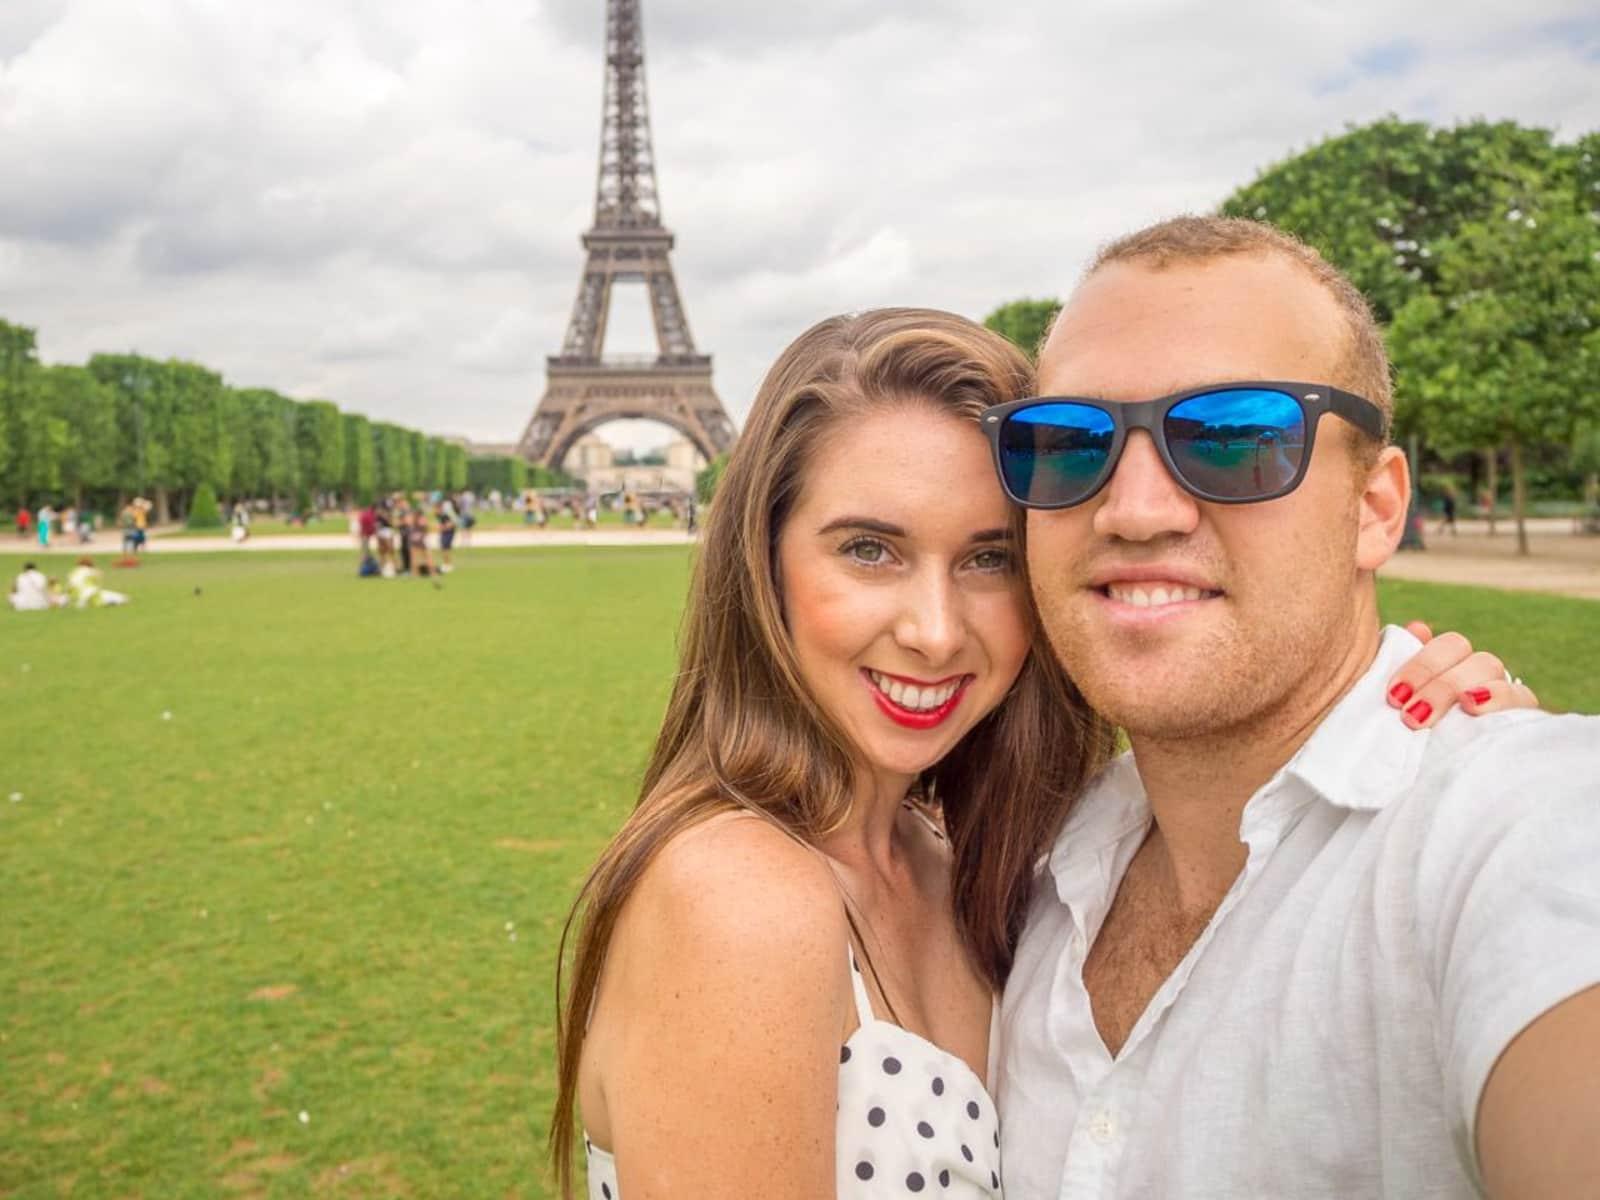 Carlie & Mathew from Brisbane, Queensland, Australia